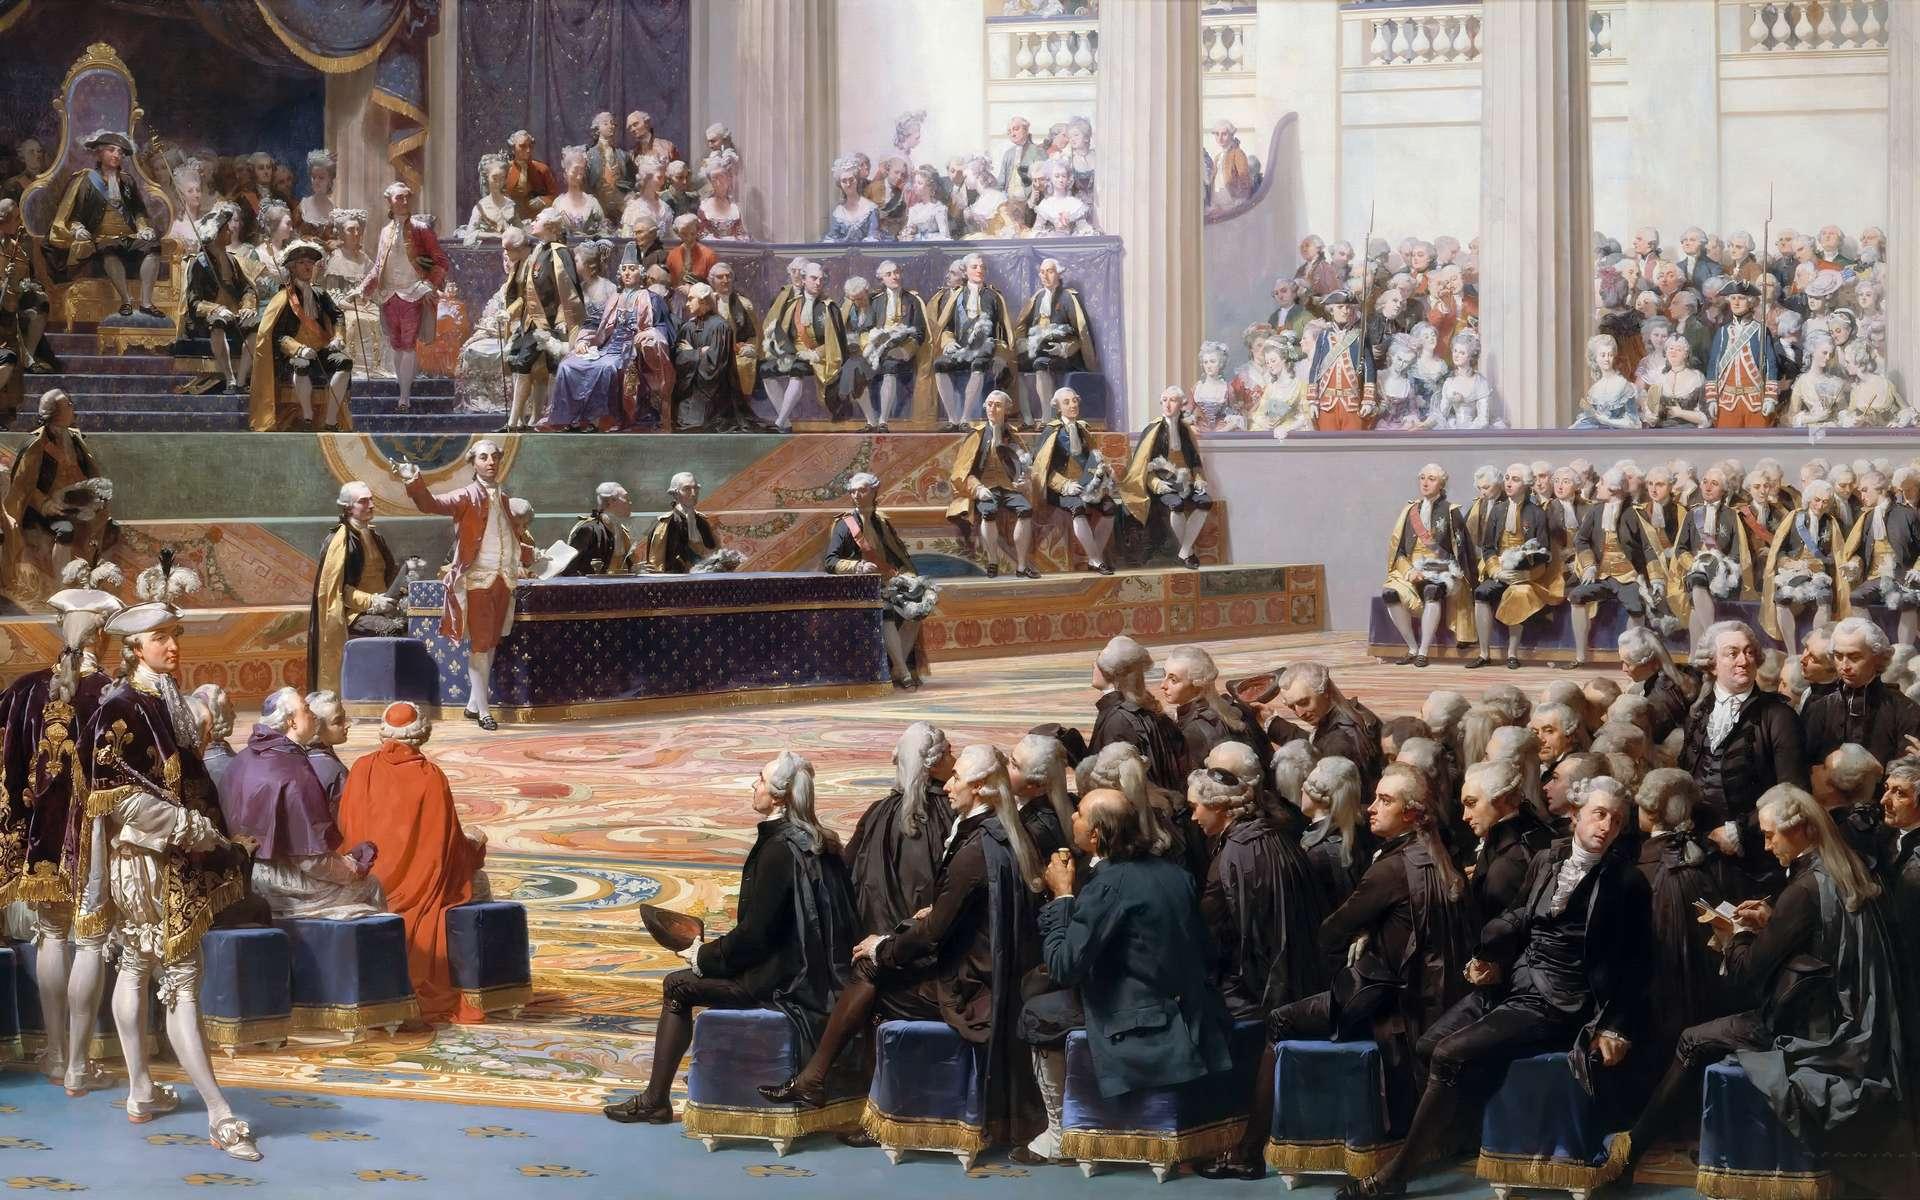 Ouverture des Etats généraux en 1789